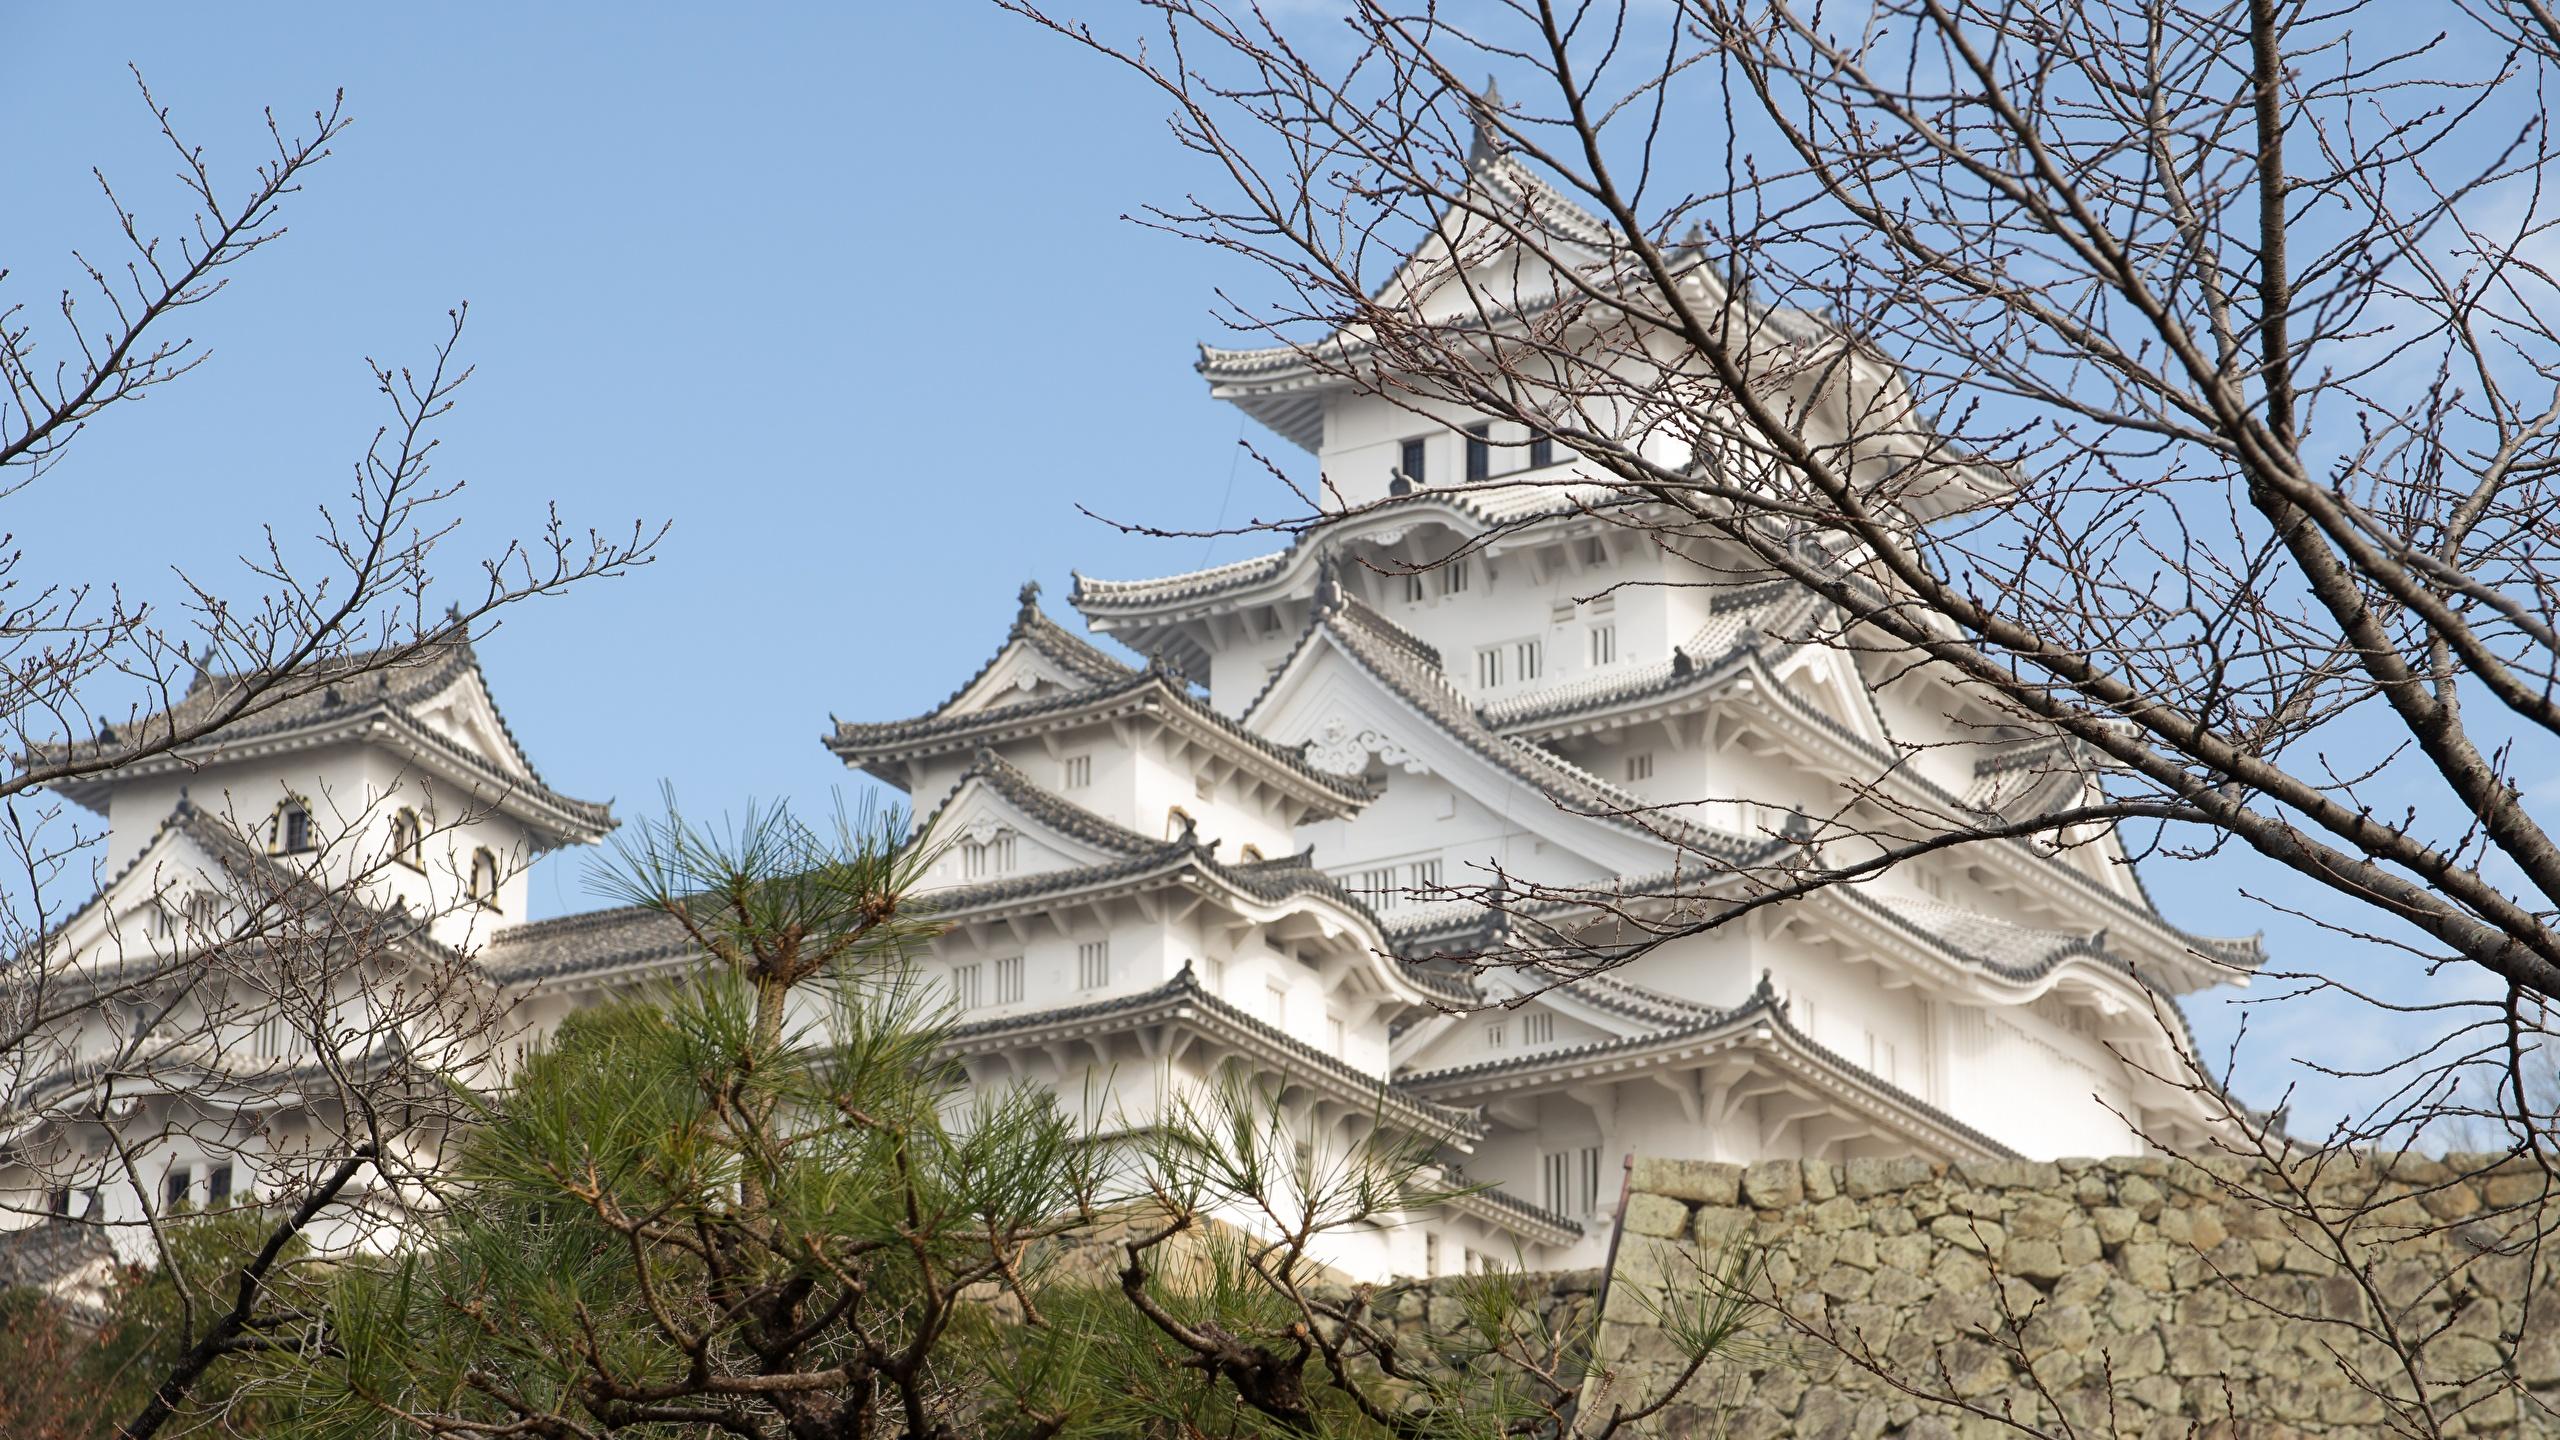 Bilder von Japan Himeji Castle, Hyogo prefecture Burg Ast Städte 2560x1440